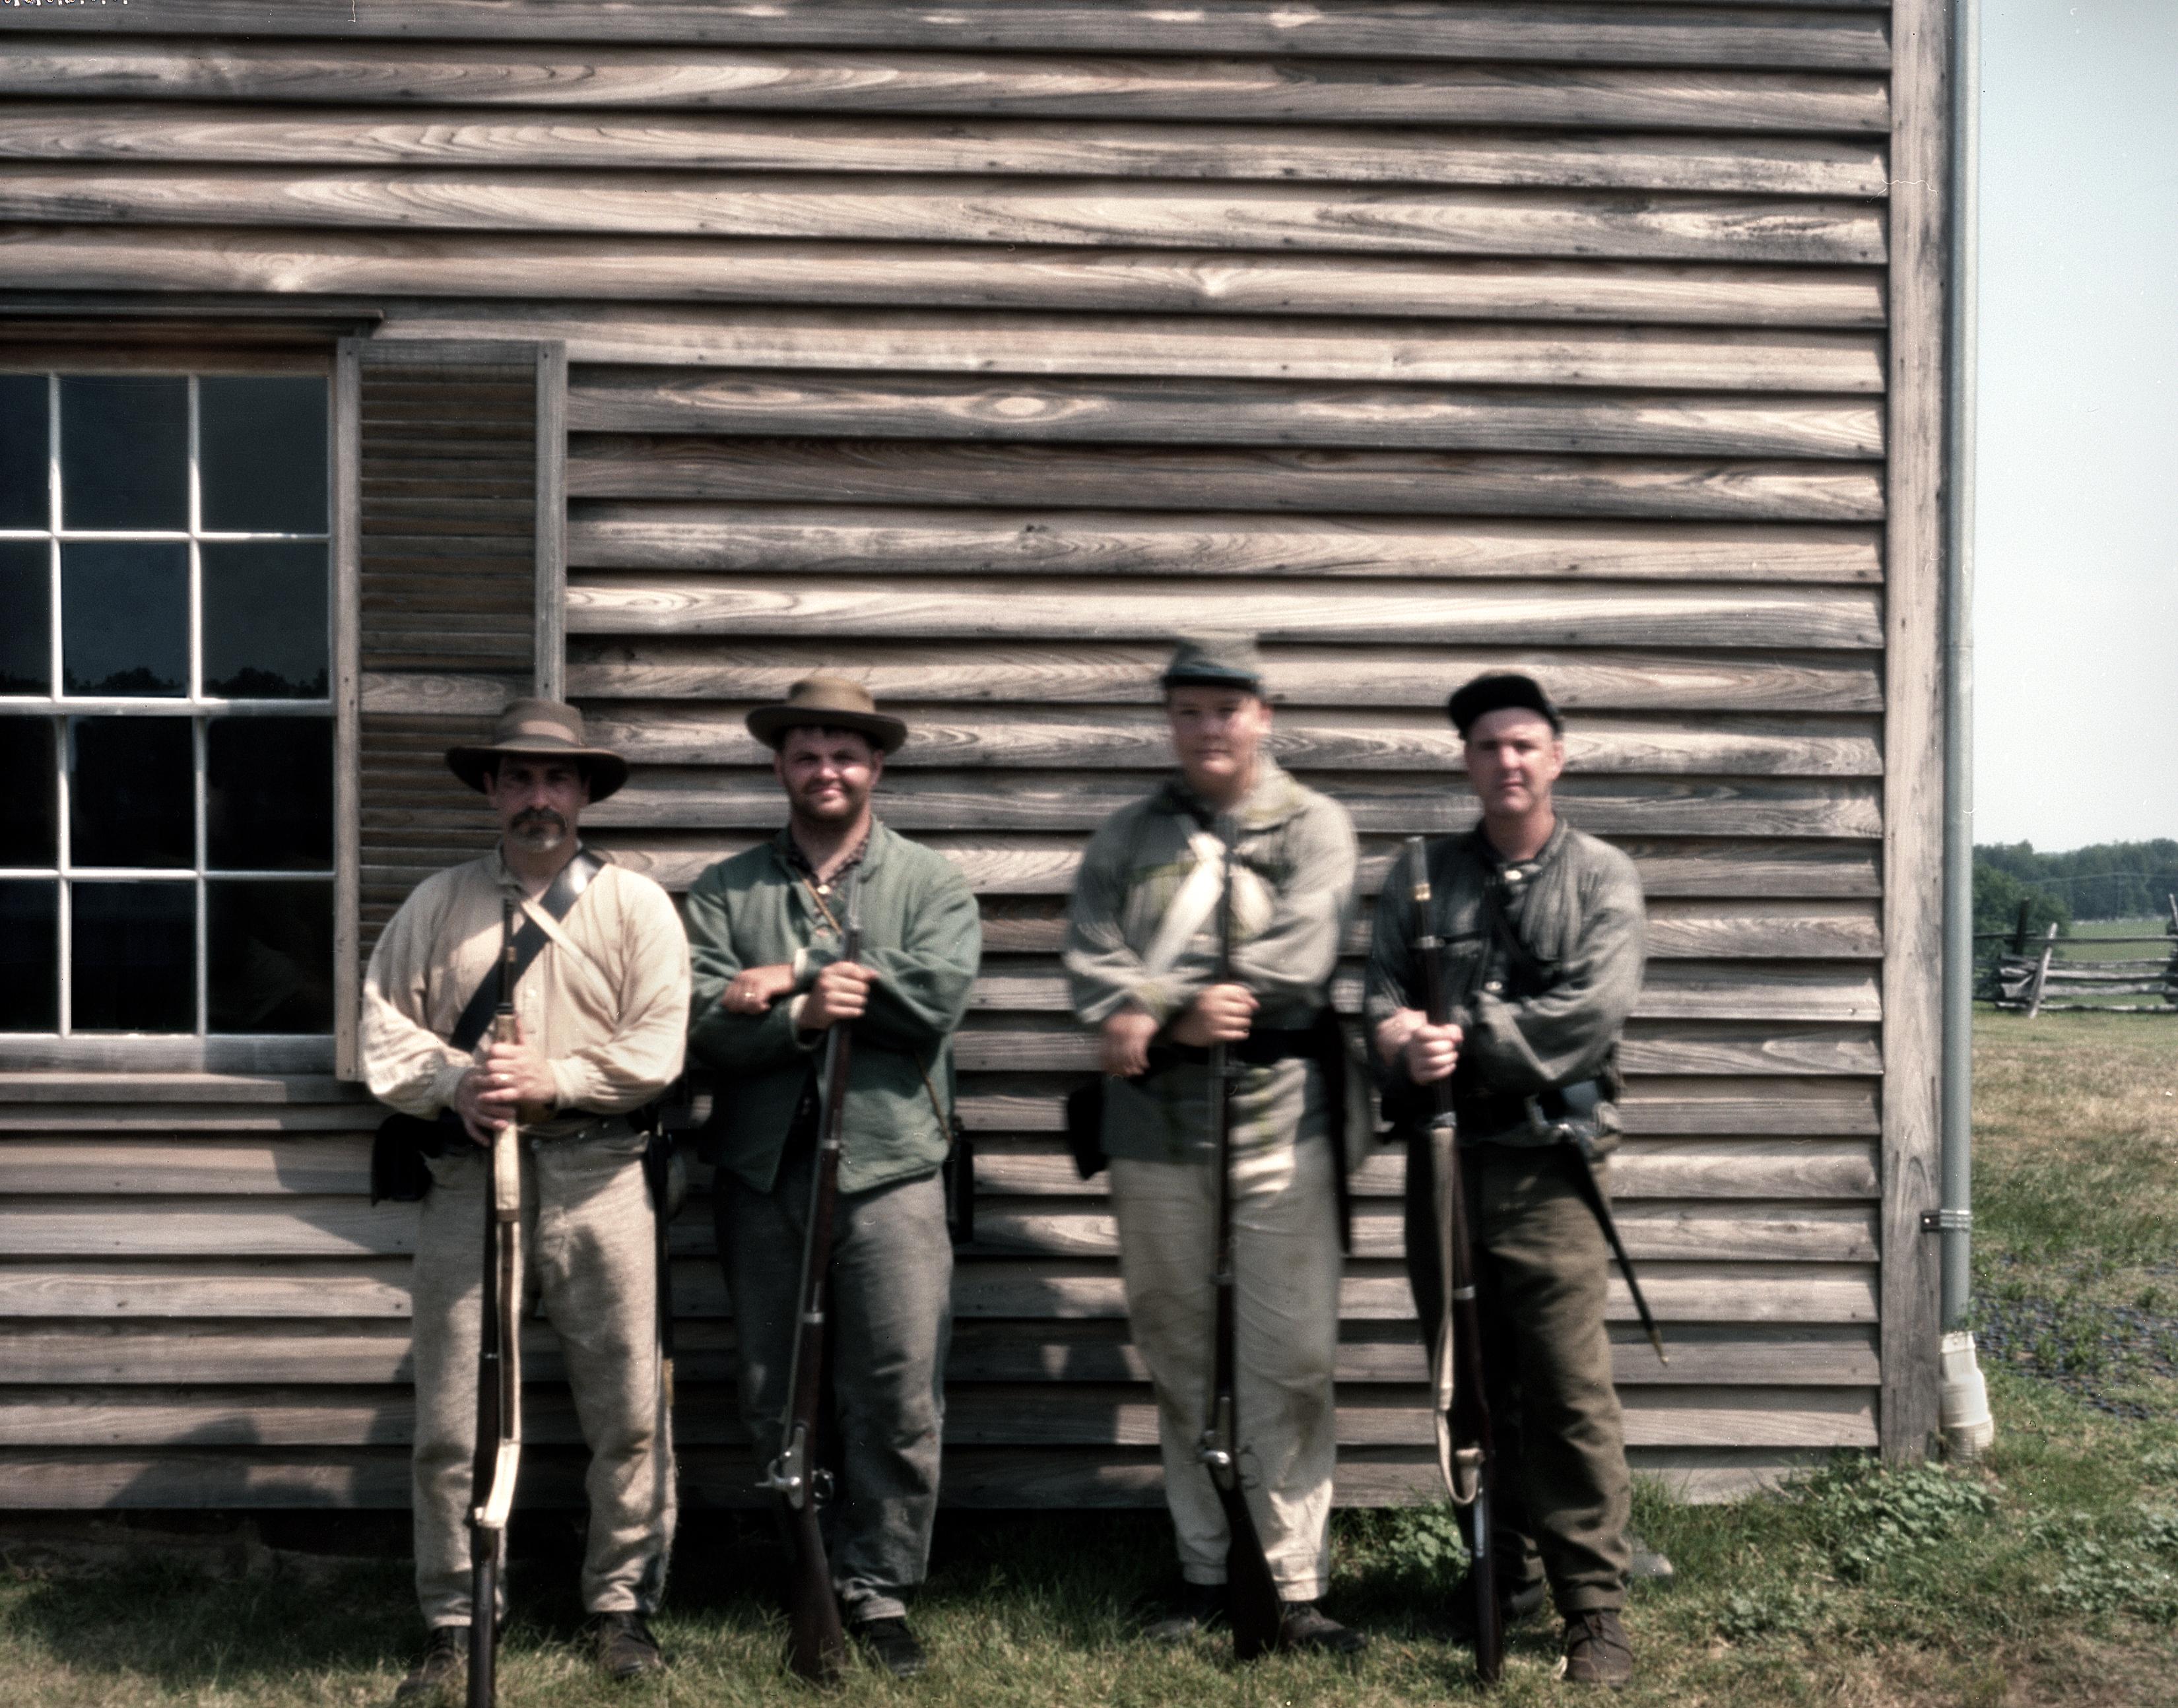 Manassas Battlefield Ghosts Manassas Battlefield va